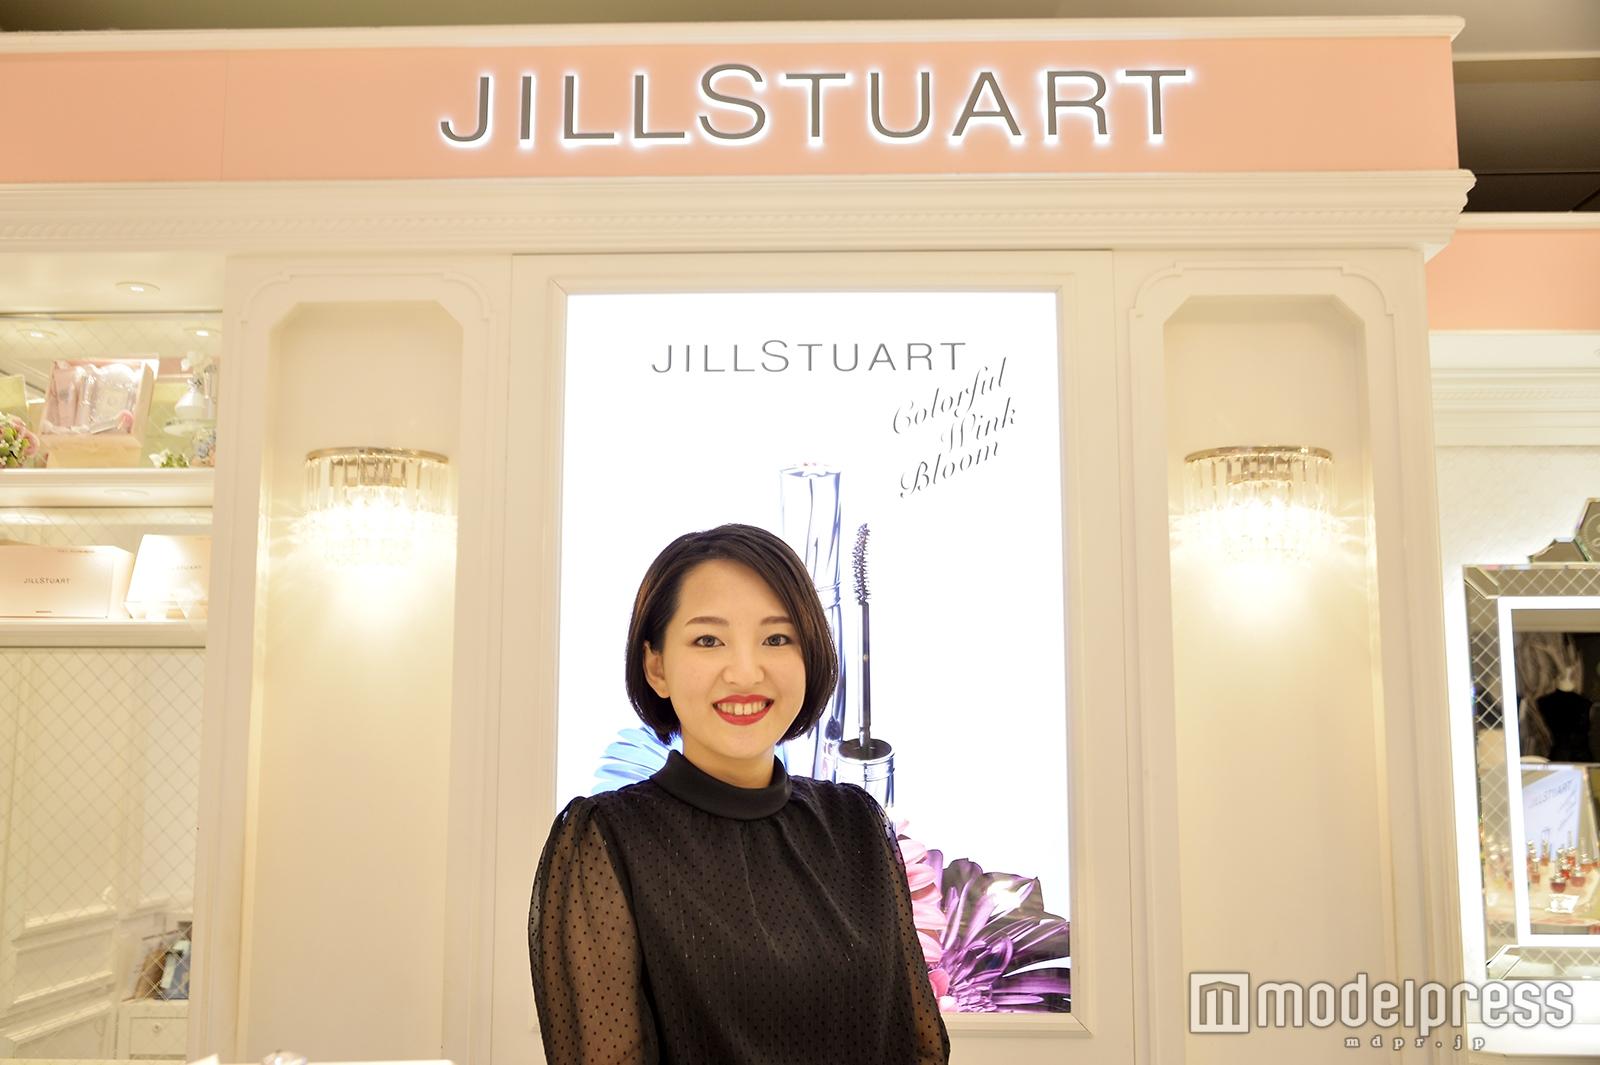 「JILL STUART Beauty」メイクアップスペシャリストの足立悠希子さん(C)モデルプレス